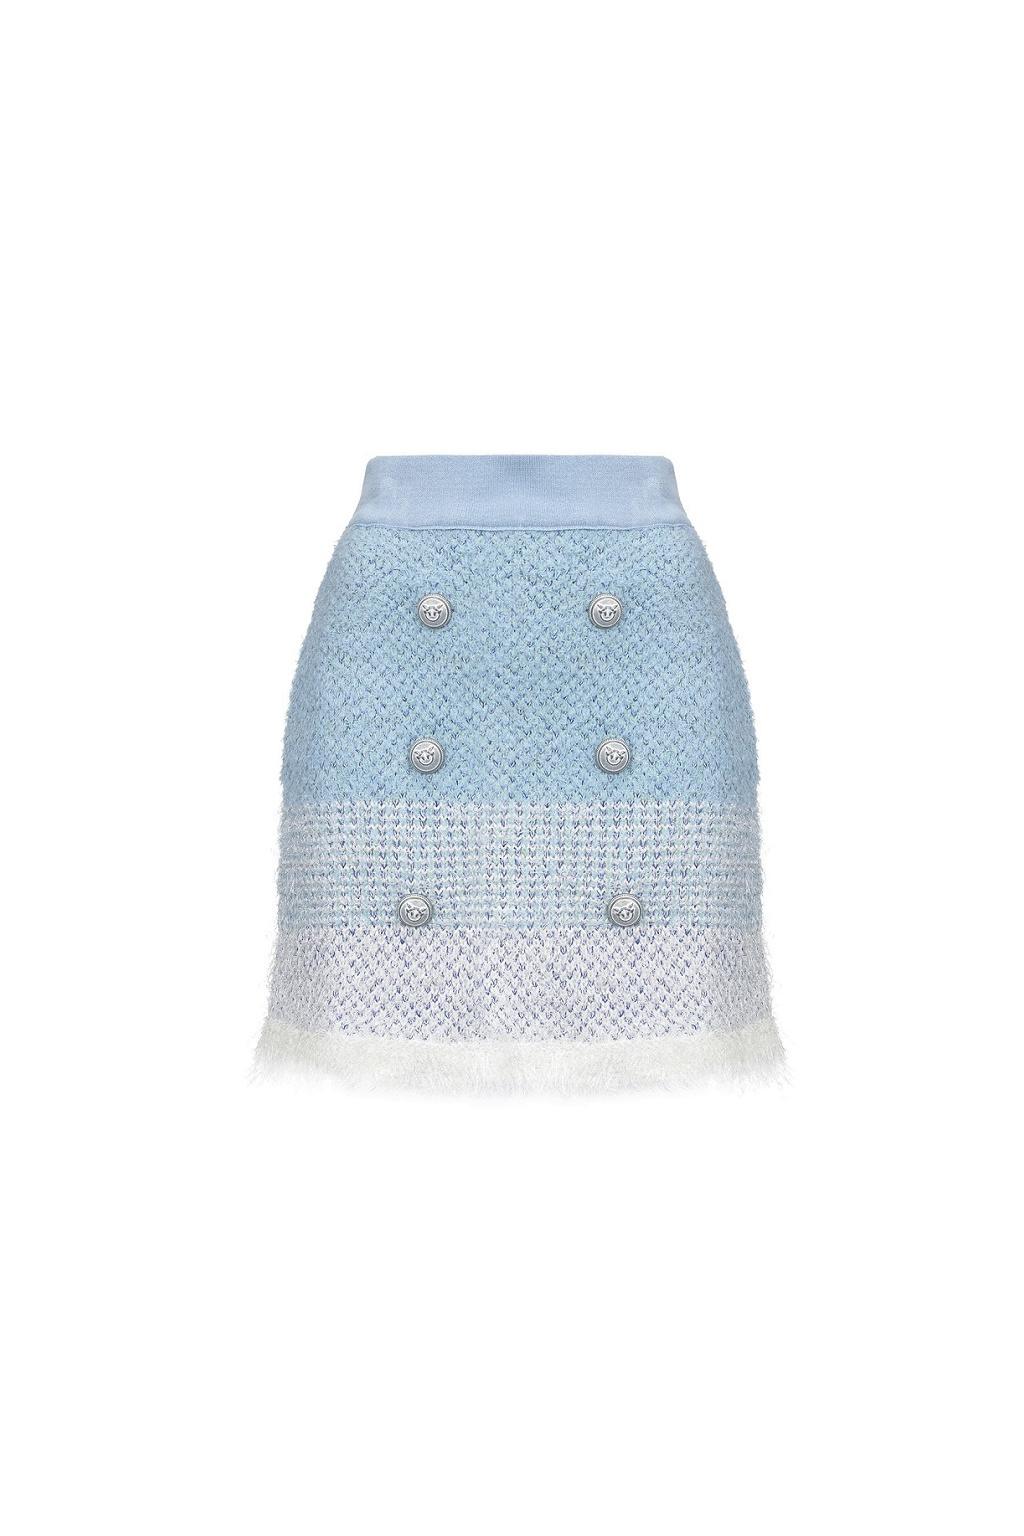 1G14M7Y65P ZGE Dámská sukně Pinko Remora bílo modrá